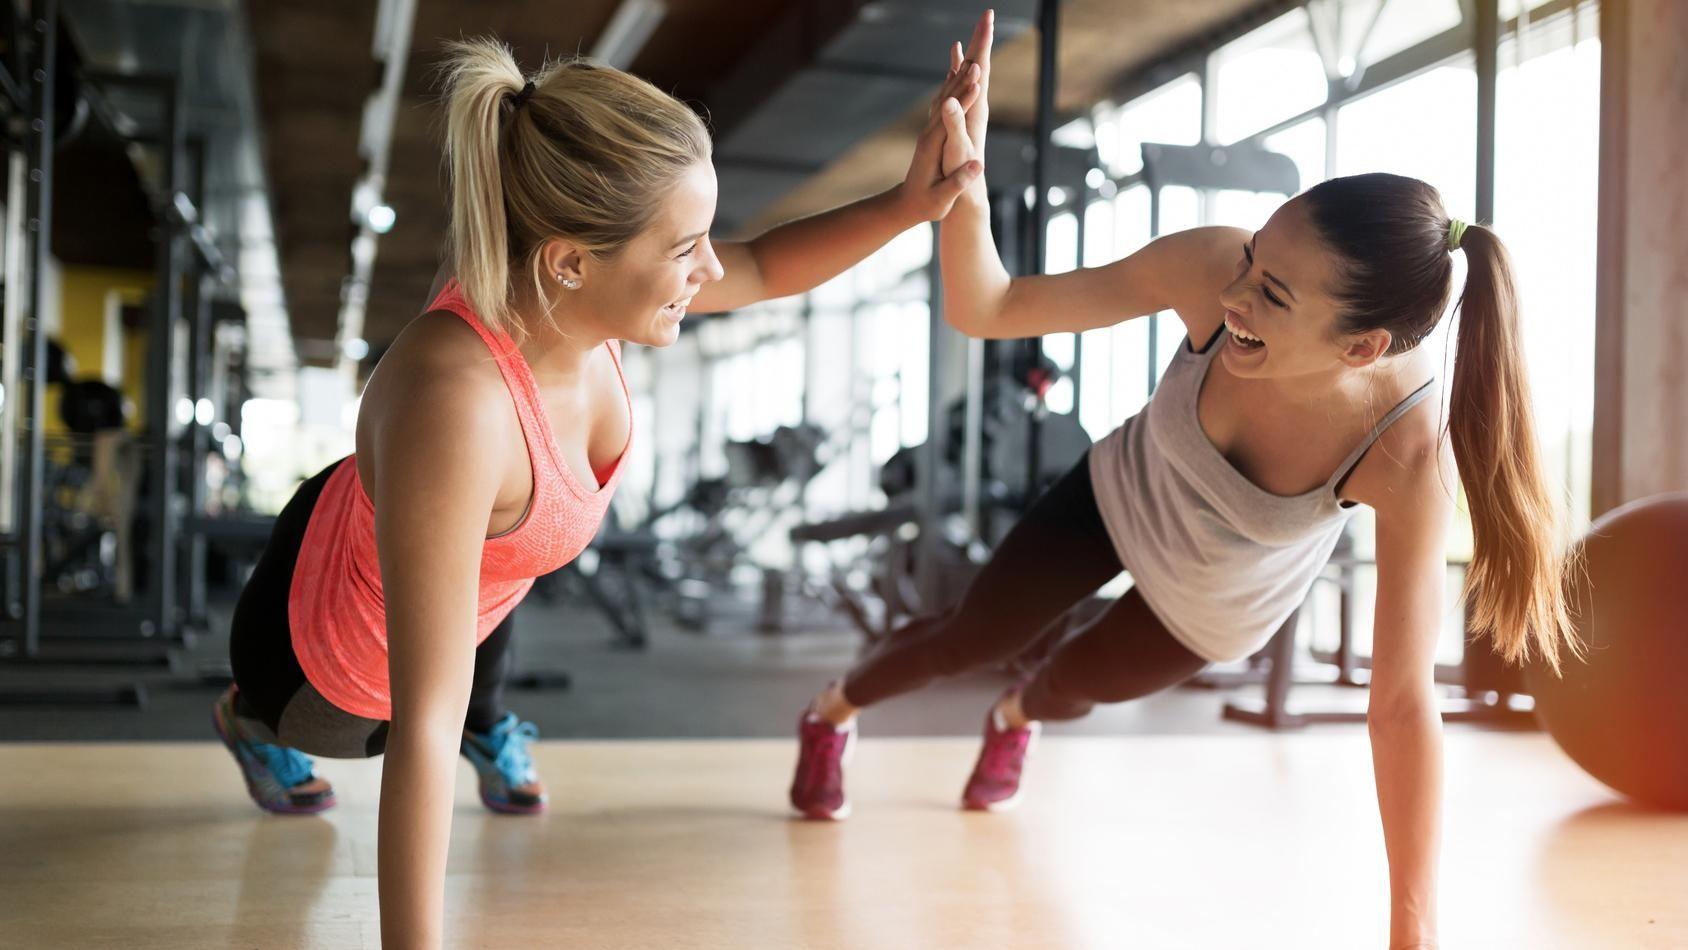 того, обращаем девки на фитнесе с озабоченным тренером член, наливаясь силой